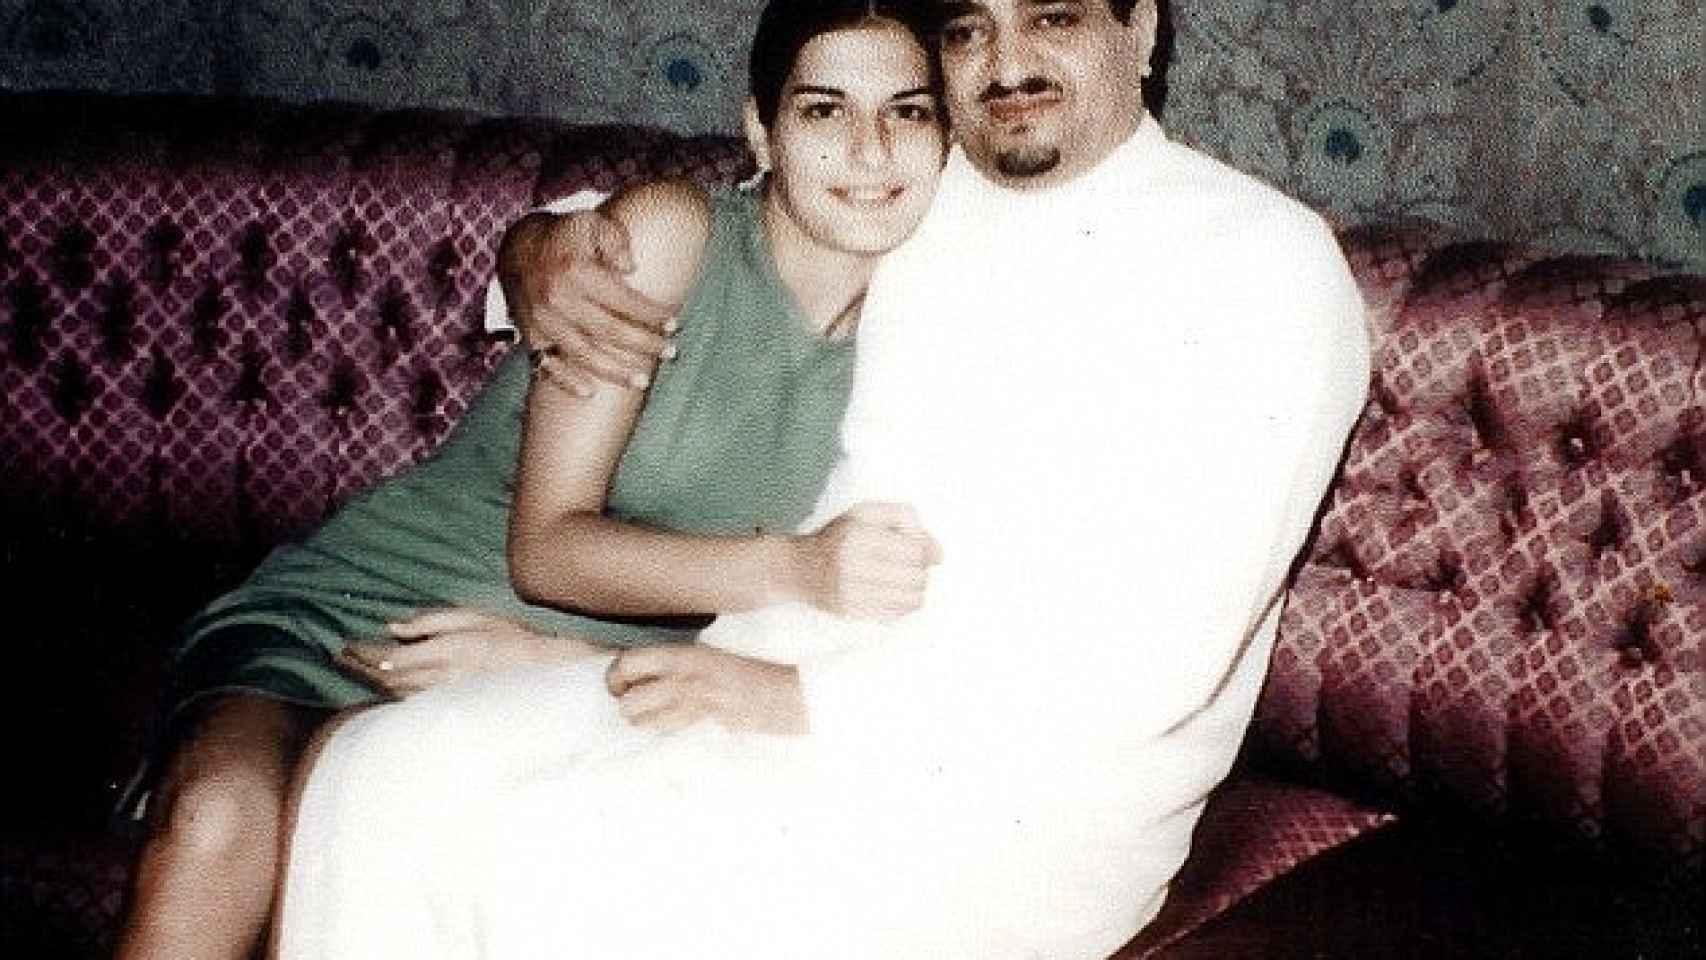 El príncipe Fahd con su mujer secreta Janan en una imagen de 1970